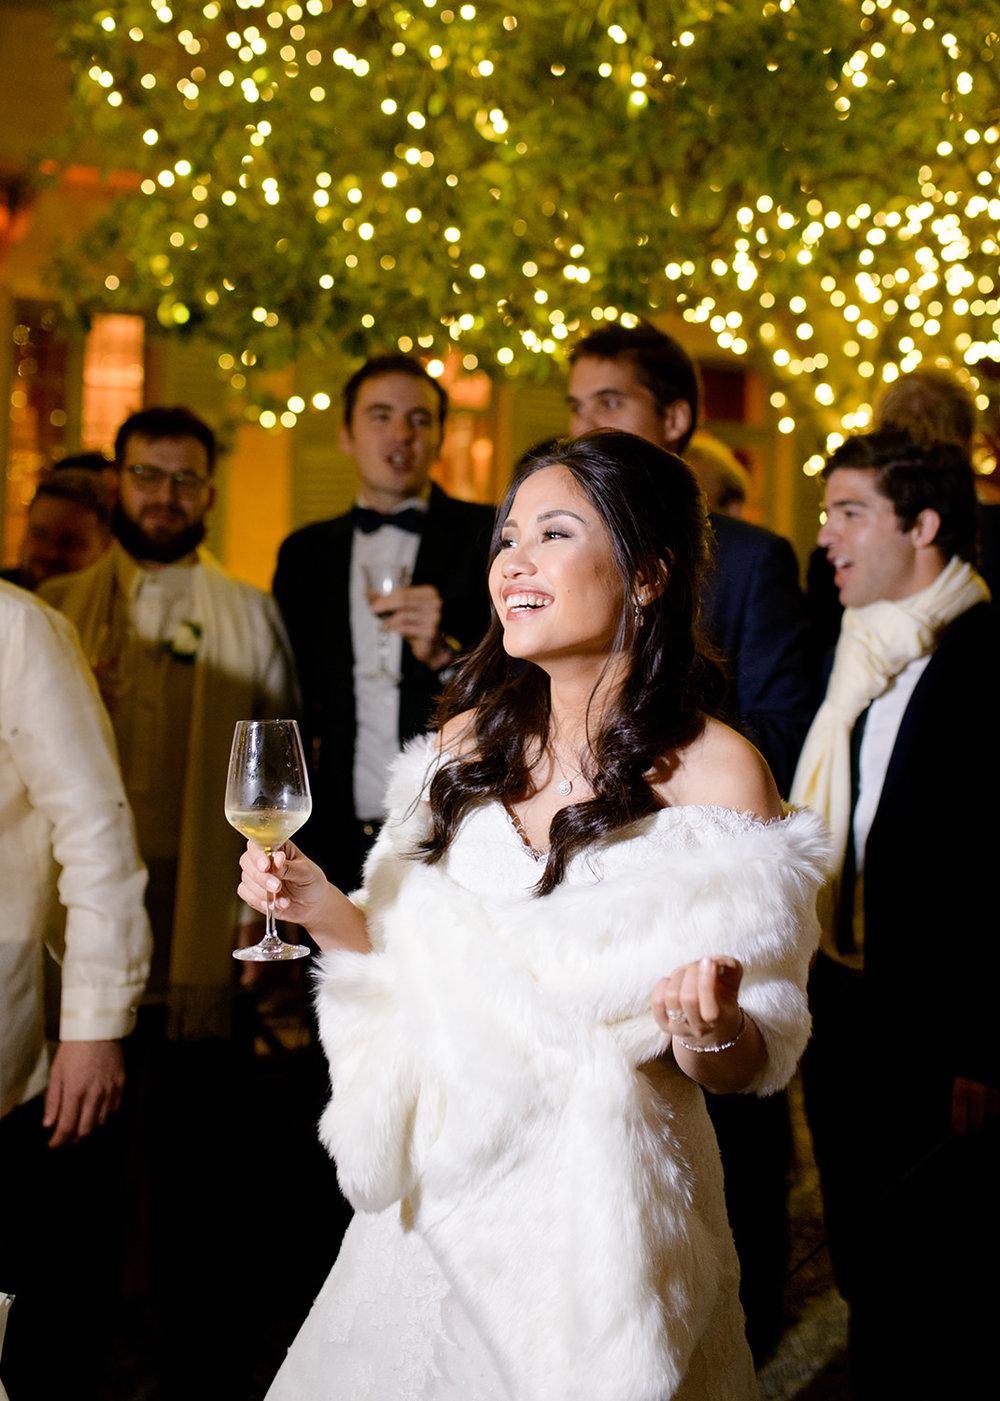 villa-regina-teodolinda-wedding-photographer-C&B-©bottega53-116.JPG